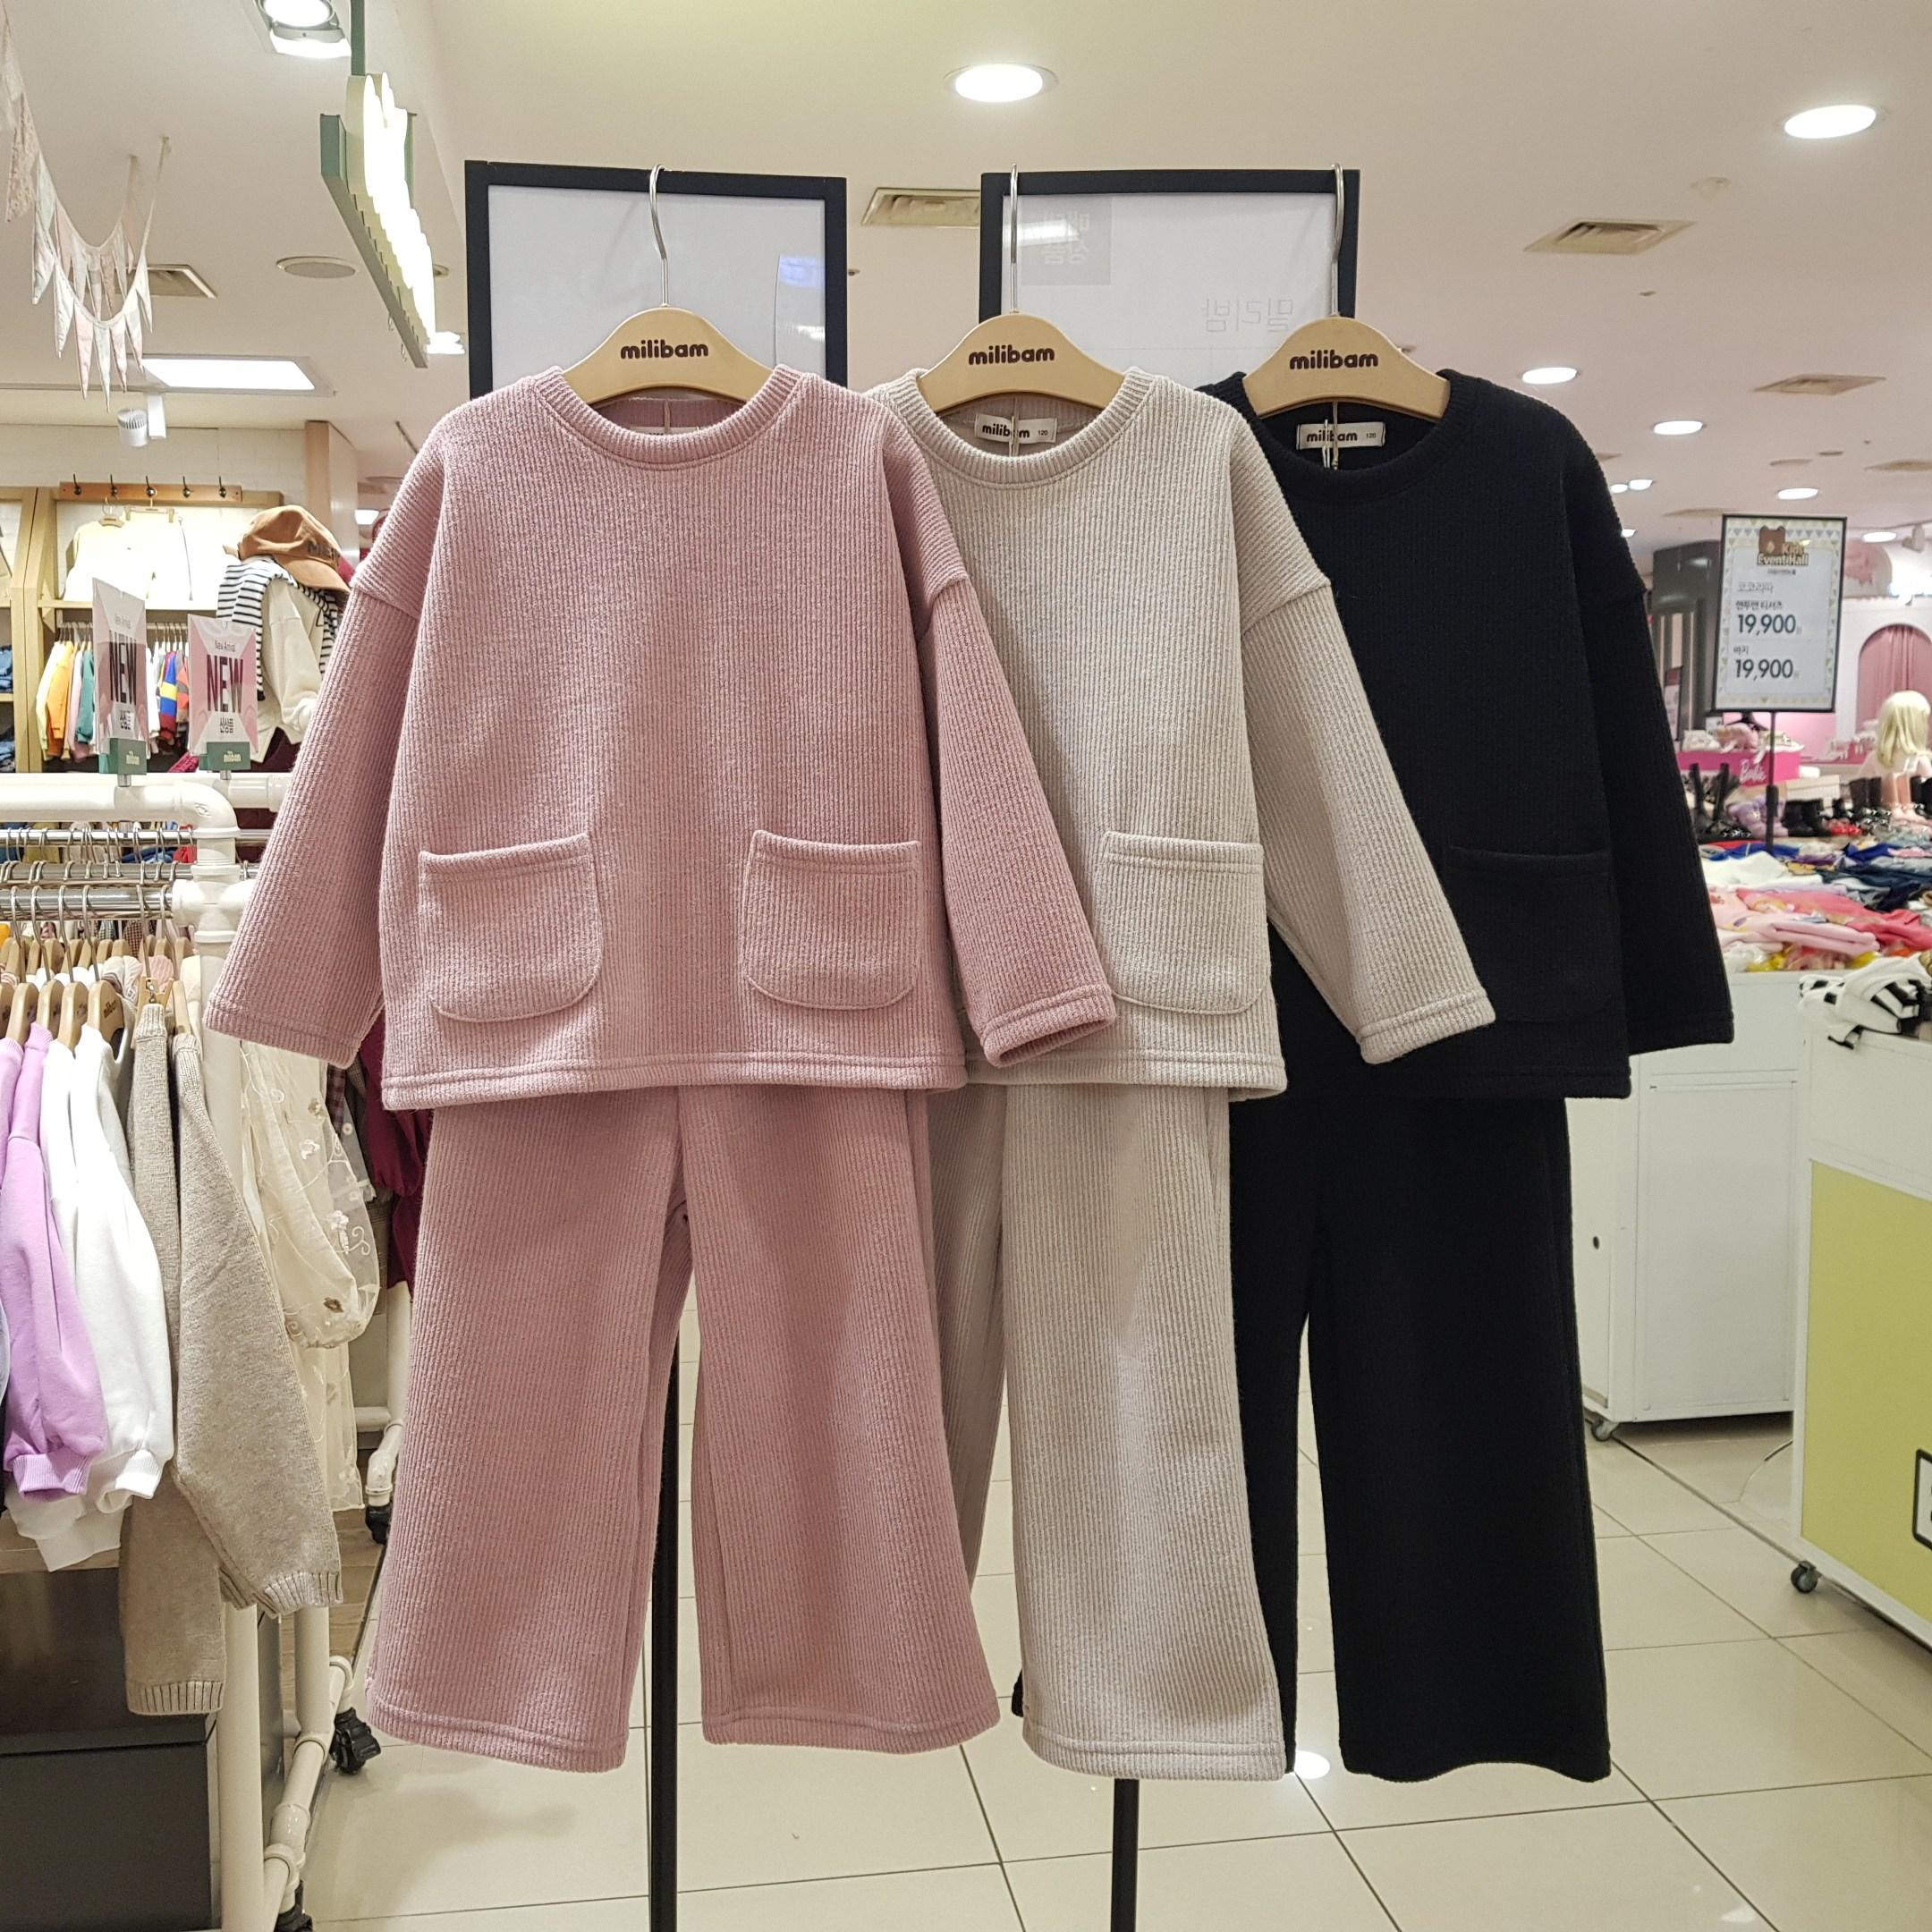 밀리밤 NEW~~2020년 FW핫한 겨울신상 컬렉션 인기많은 너 선택했어~!! 캐주얼룩 활동편한 와이드 투포켓 티셔츠+일자바지 세트룩